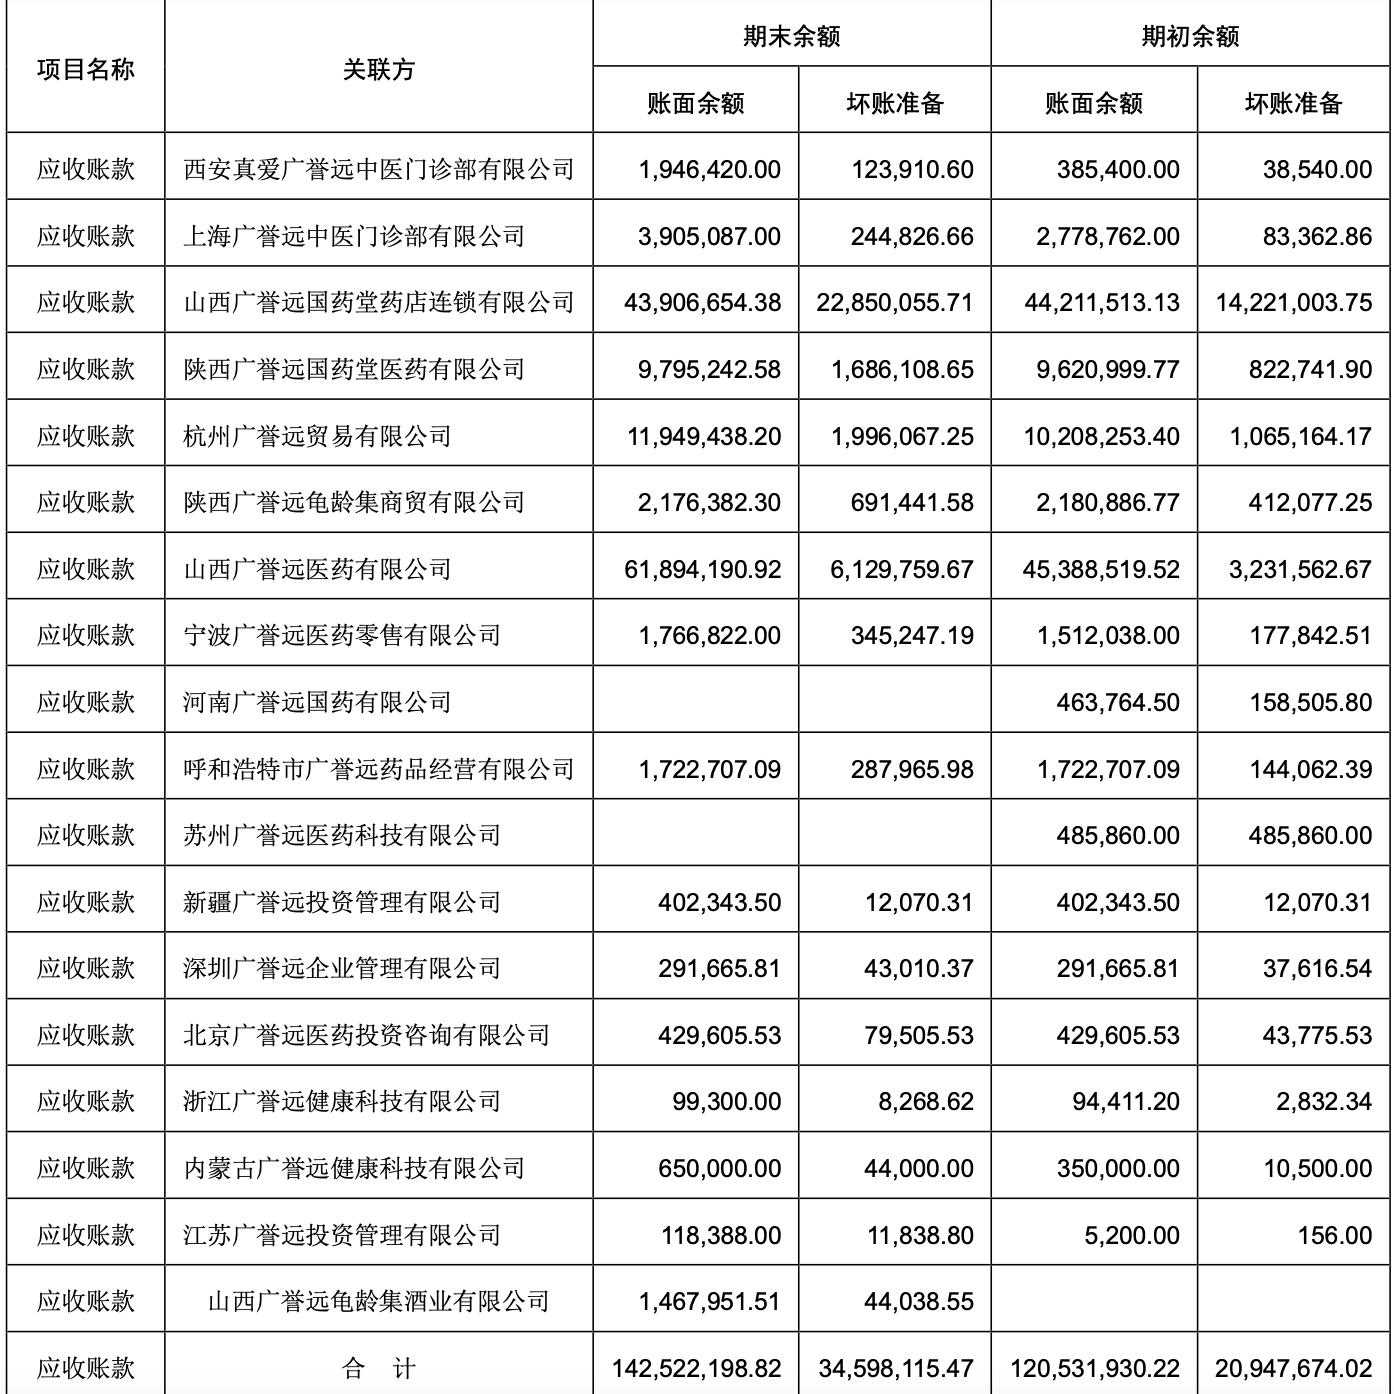 广誉远股权腾挪与资本迷局:从众筹到爆炒的逻辑